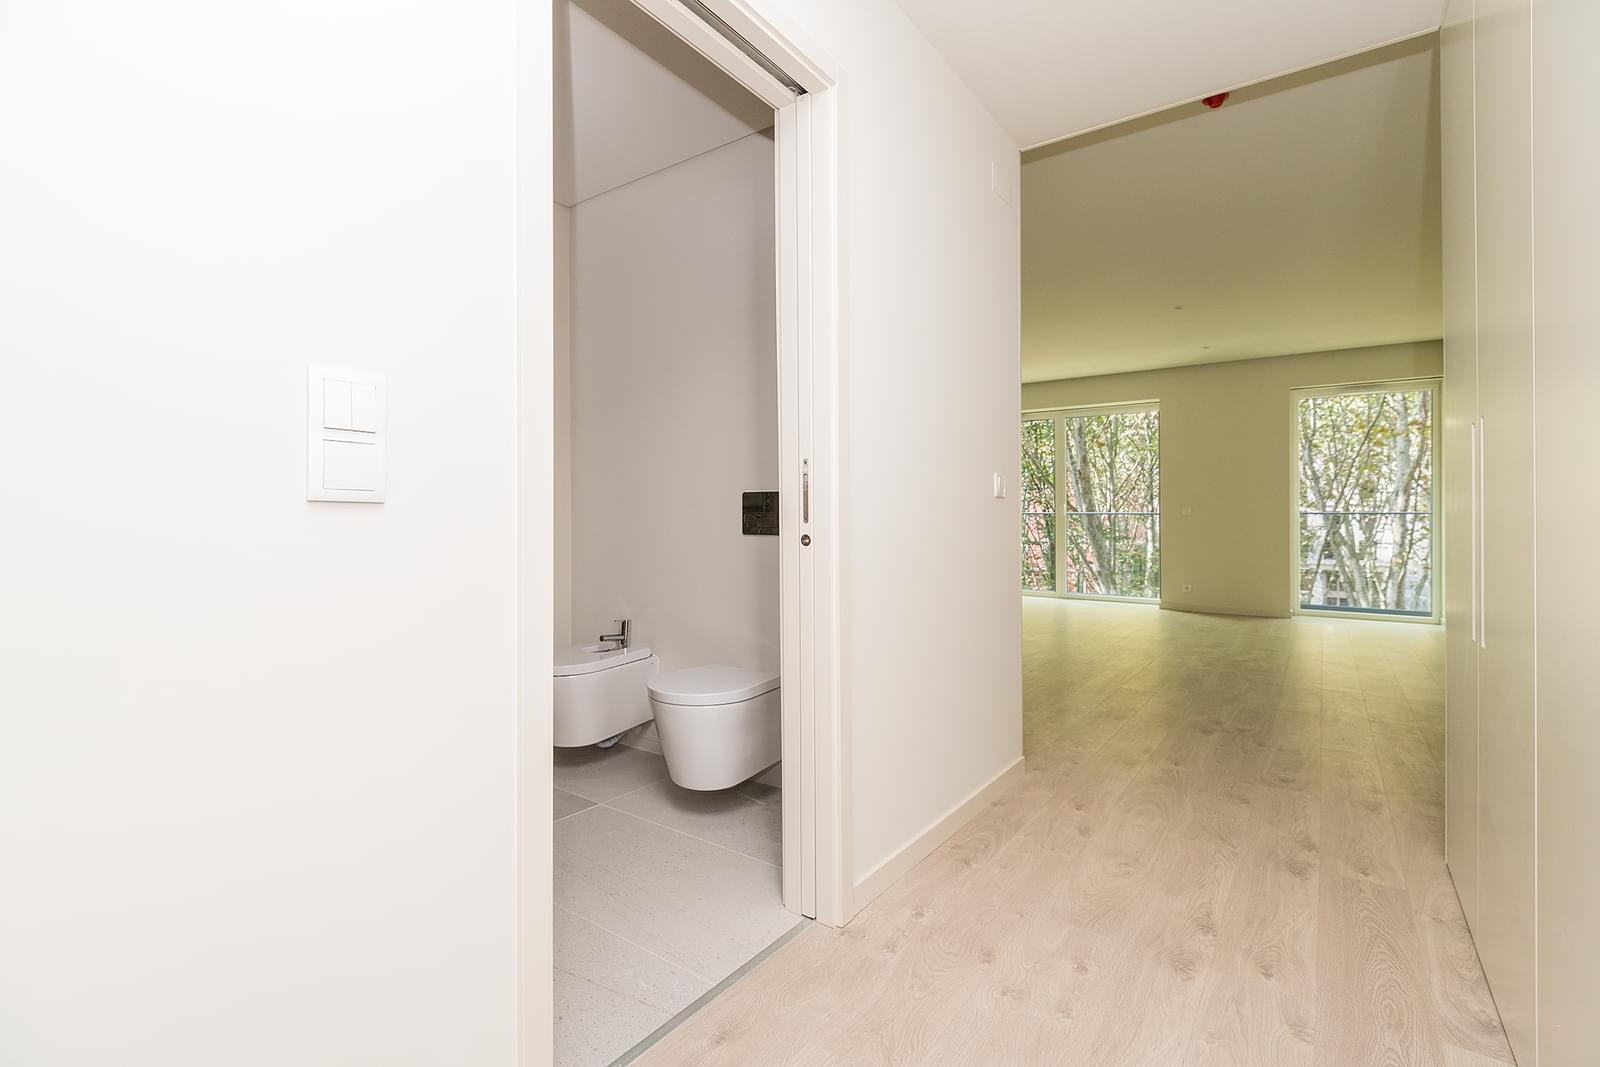 pf18308-apartamento-t2-lisboa-9e2d7048-9571-4423-909e-9c1158ea9009